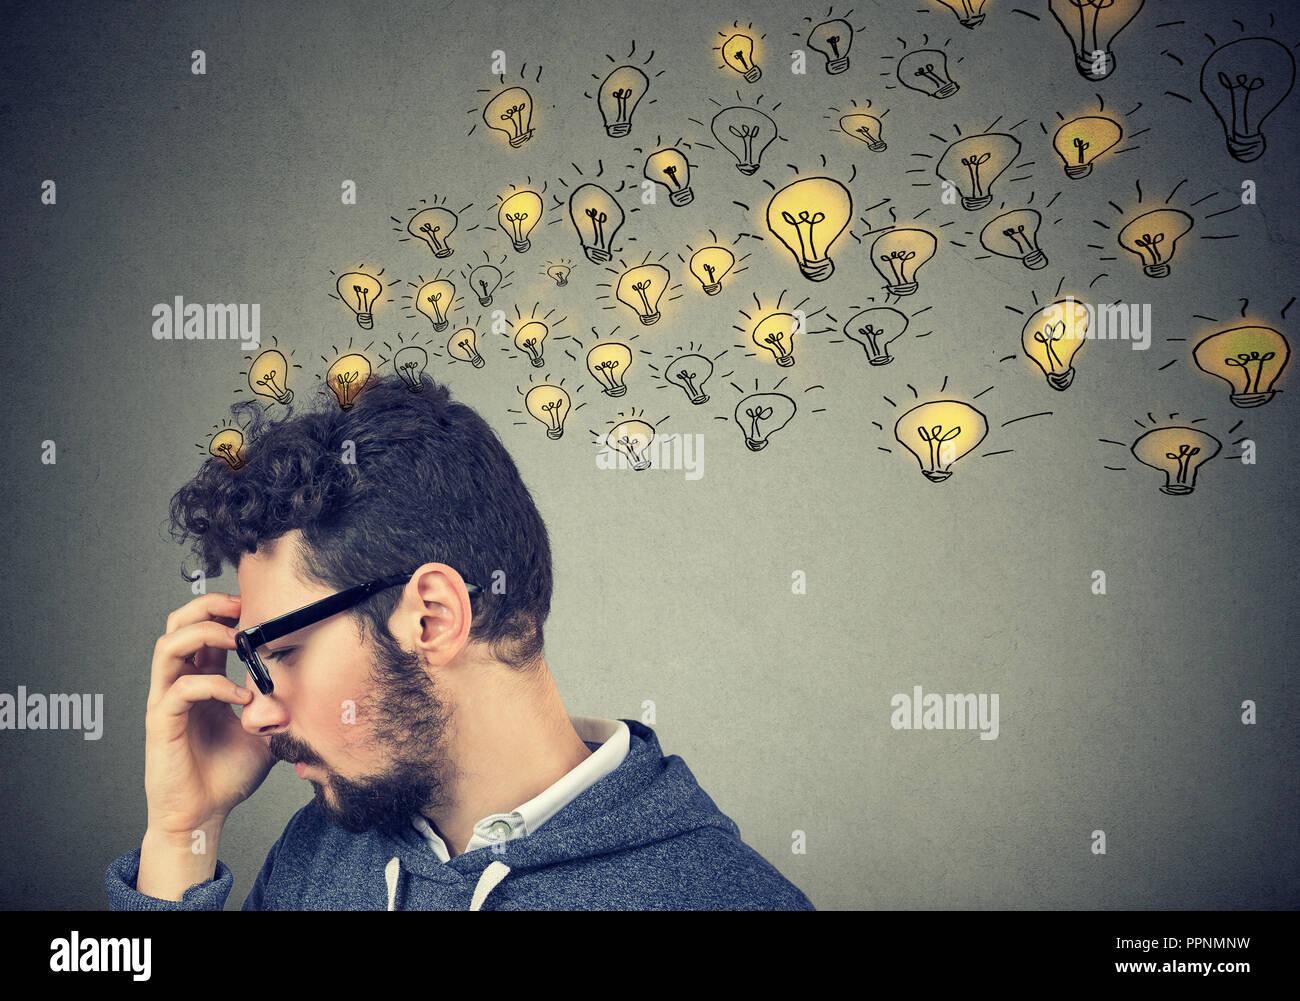 Joven en busca de pensamiento concentrado teniendo muchas ideas con el telón de fondo de brillantes bombillas. Imagen De Stock